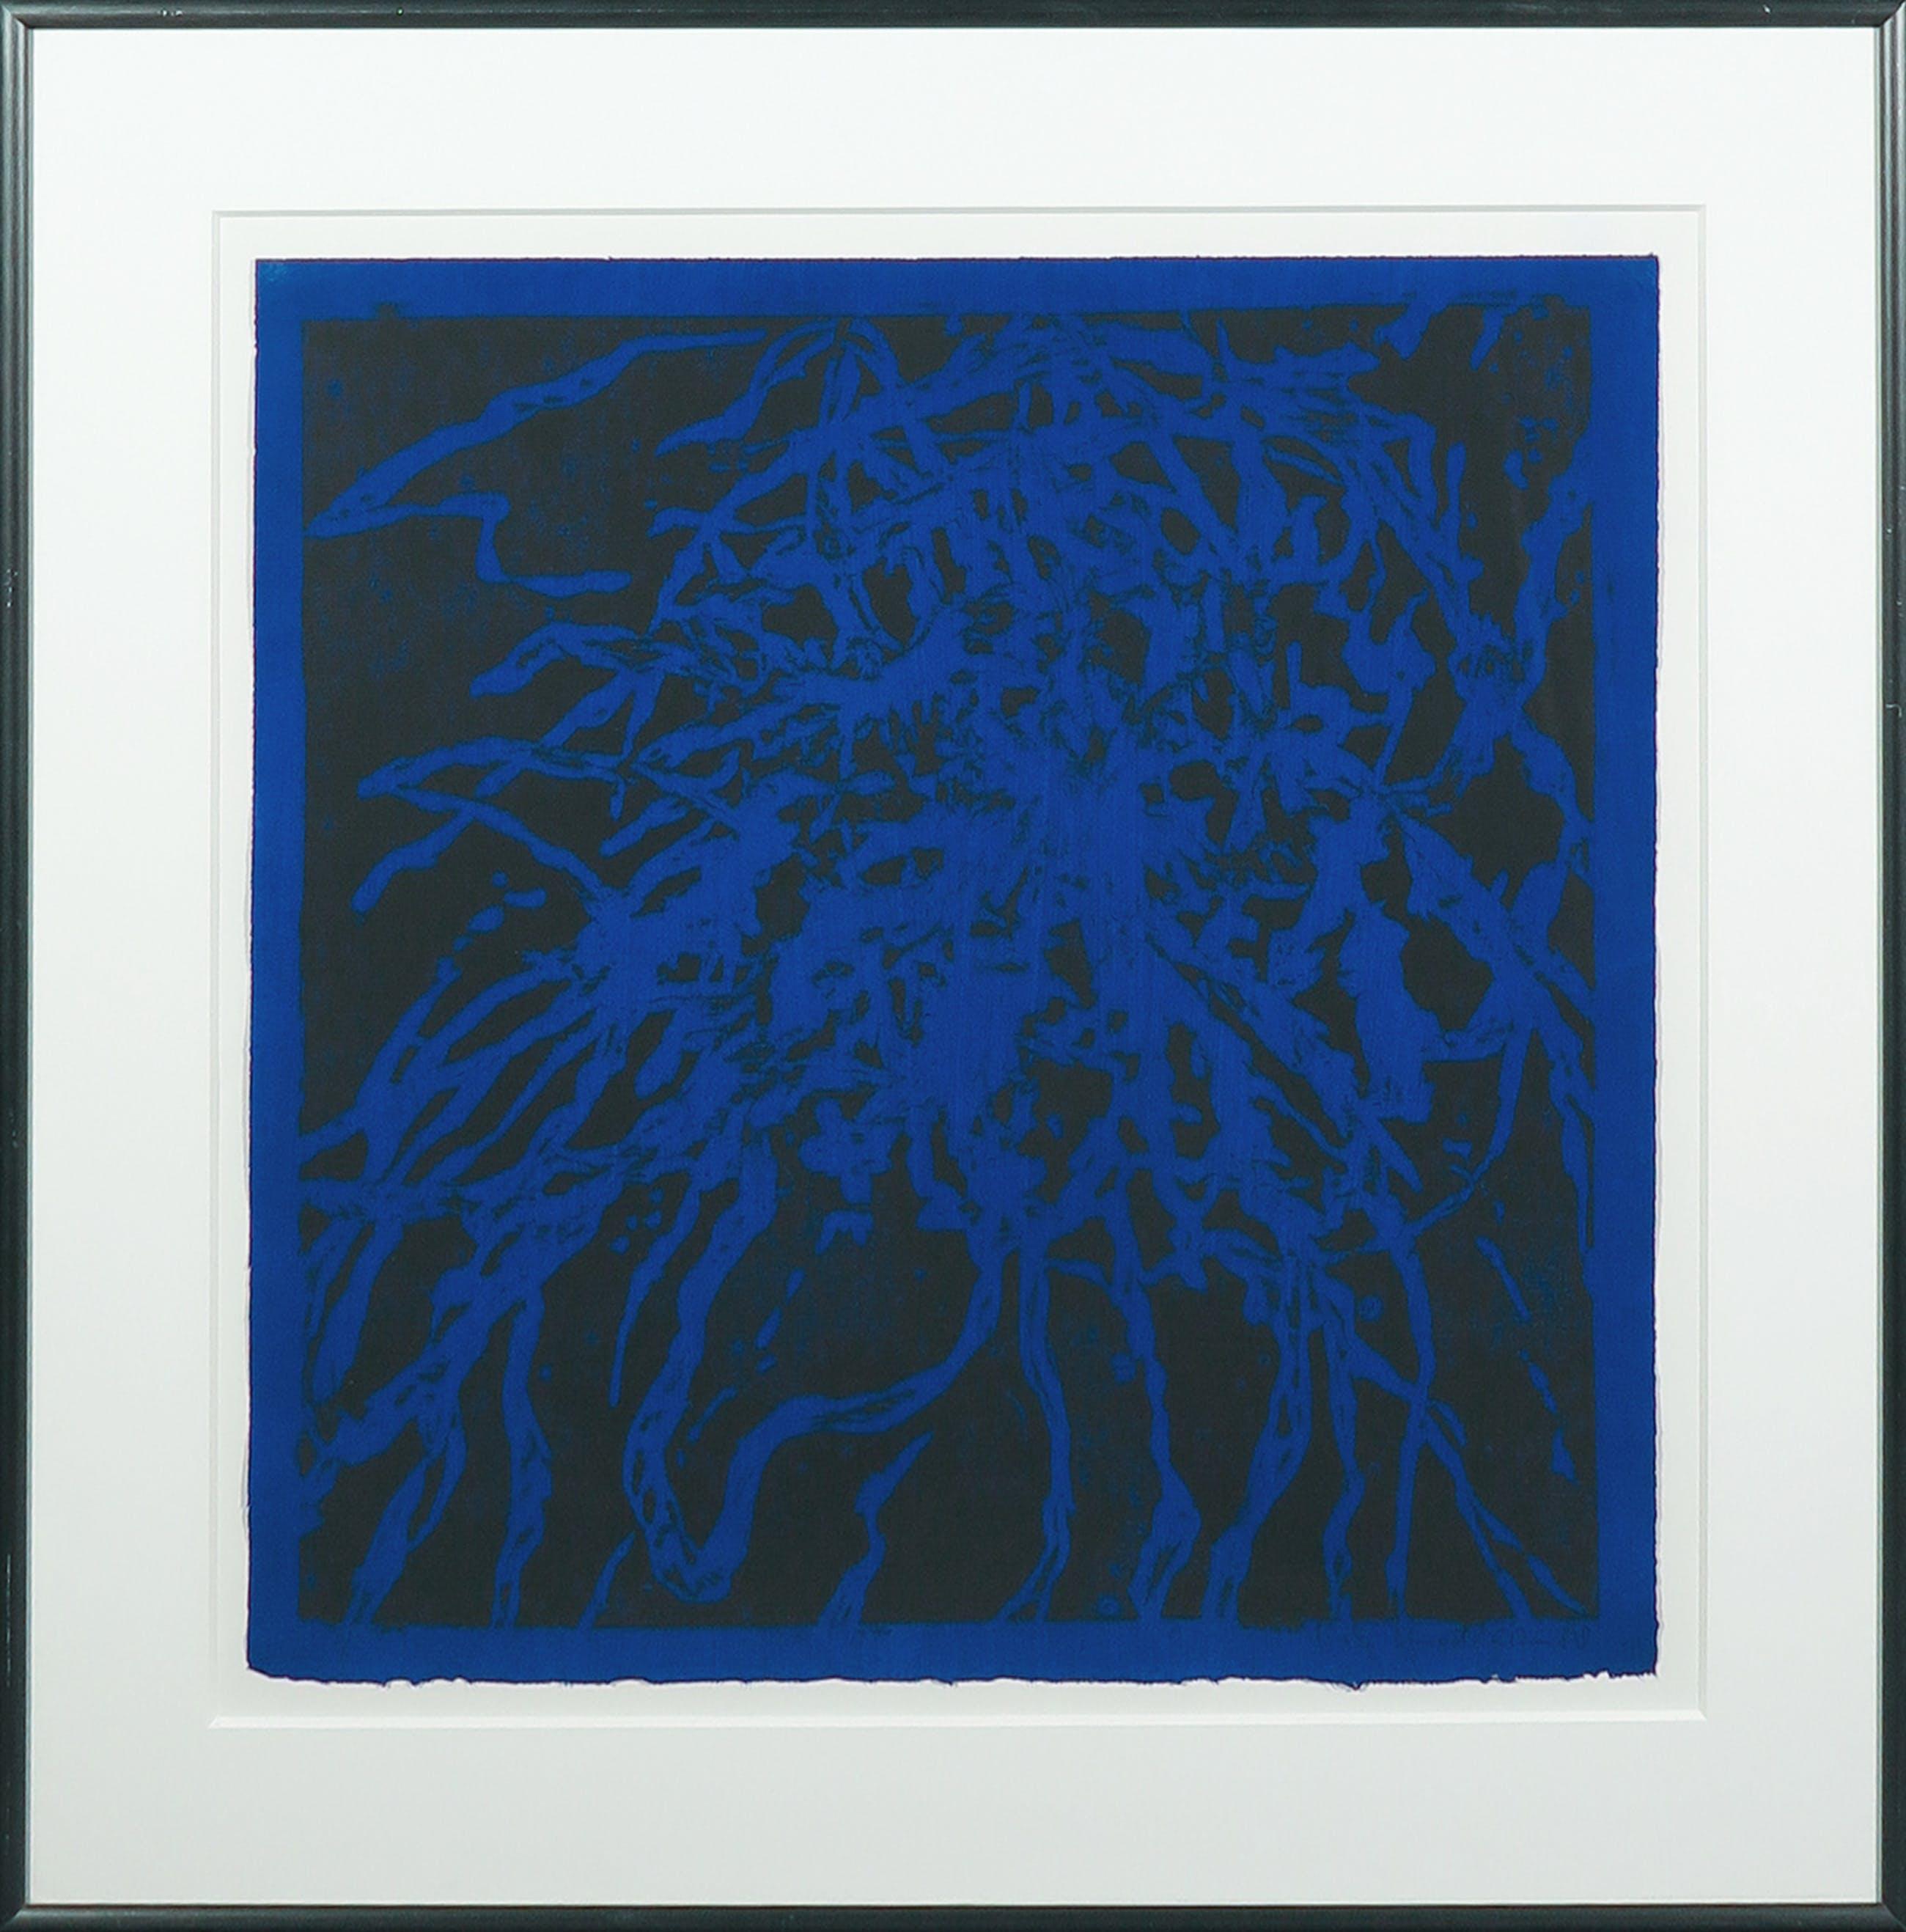 Rob Lodder - Zeefdruk, Abstracte compositie - Ingelijst kopen? Bied vanaf 35!